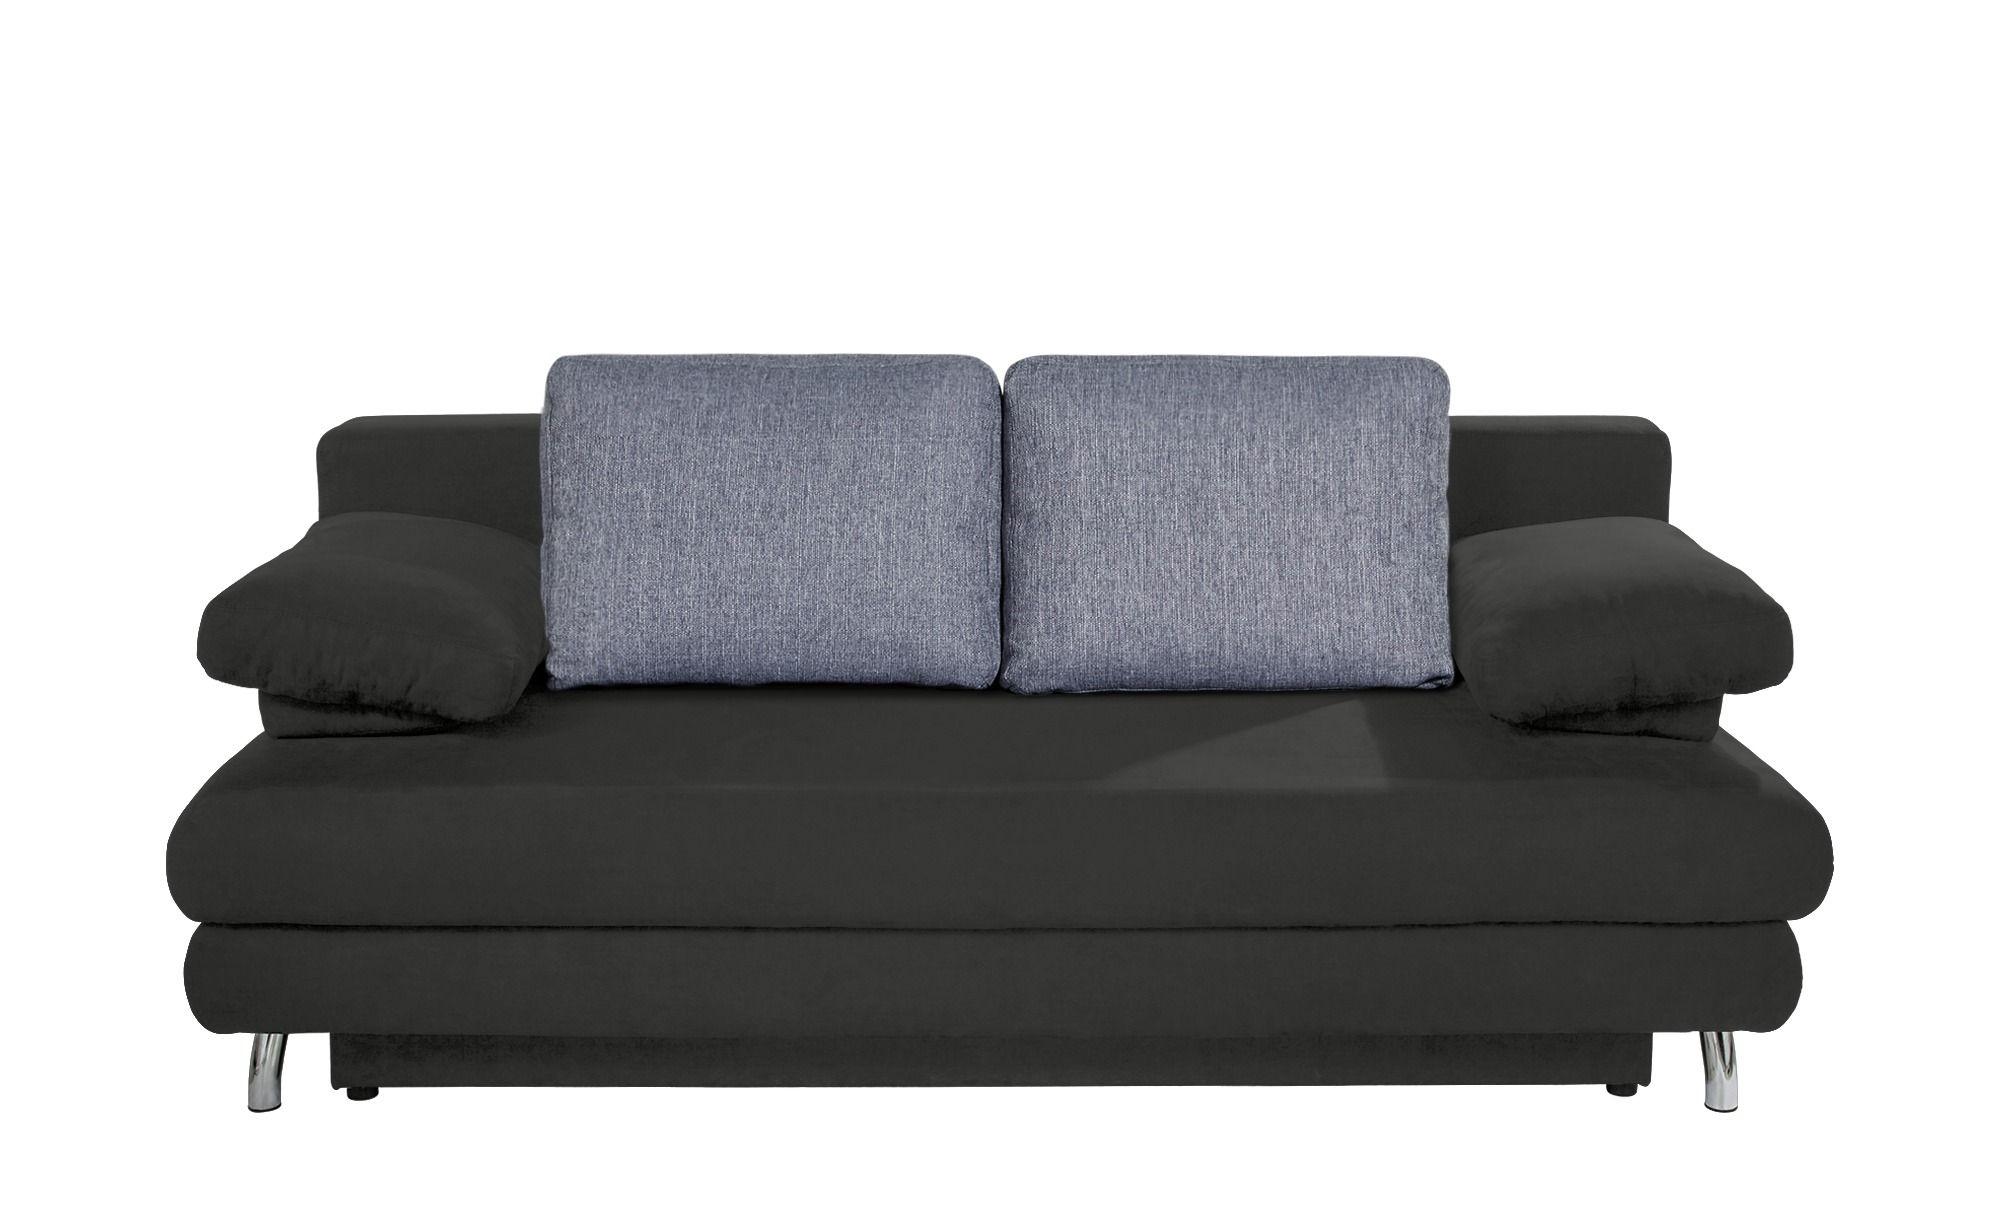 Zweiersofa Mit Schlaffunktion Southwest Design Sofa Covers Sofa Online Kaufen Forum Schlafcouch Günstig Kaufen Schlafco Schlafsofa Grau Schlafsofa Sofa